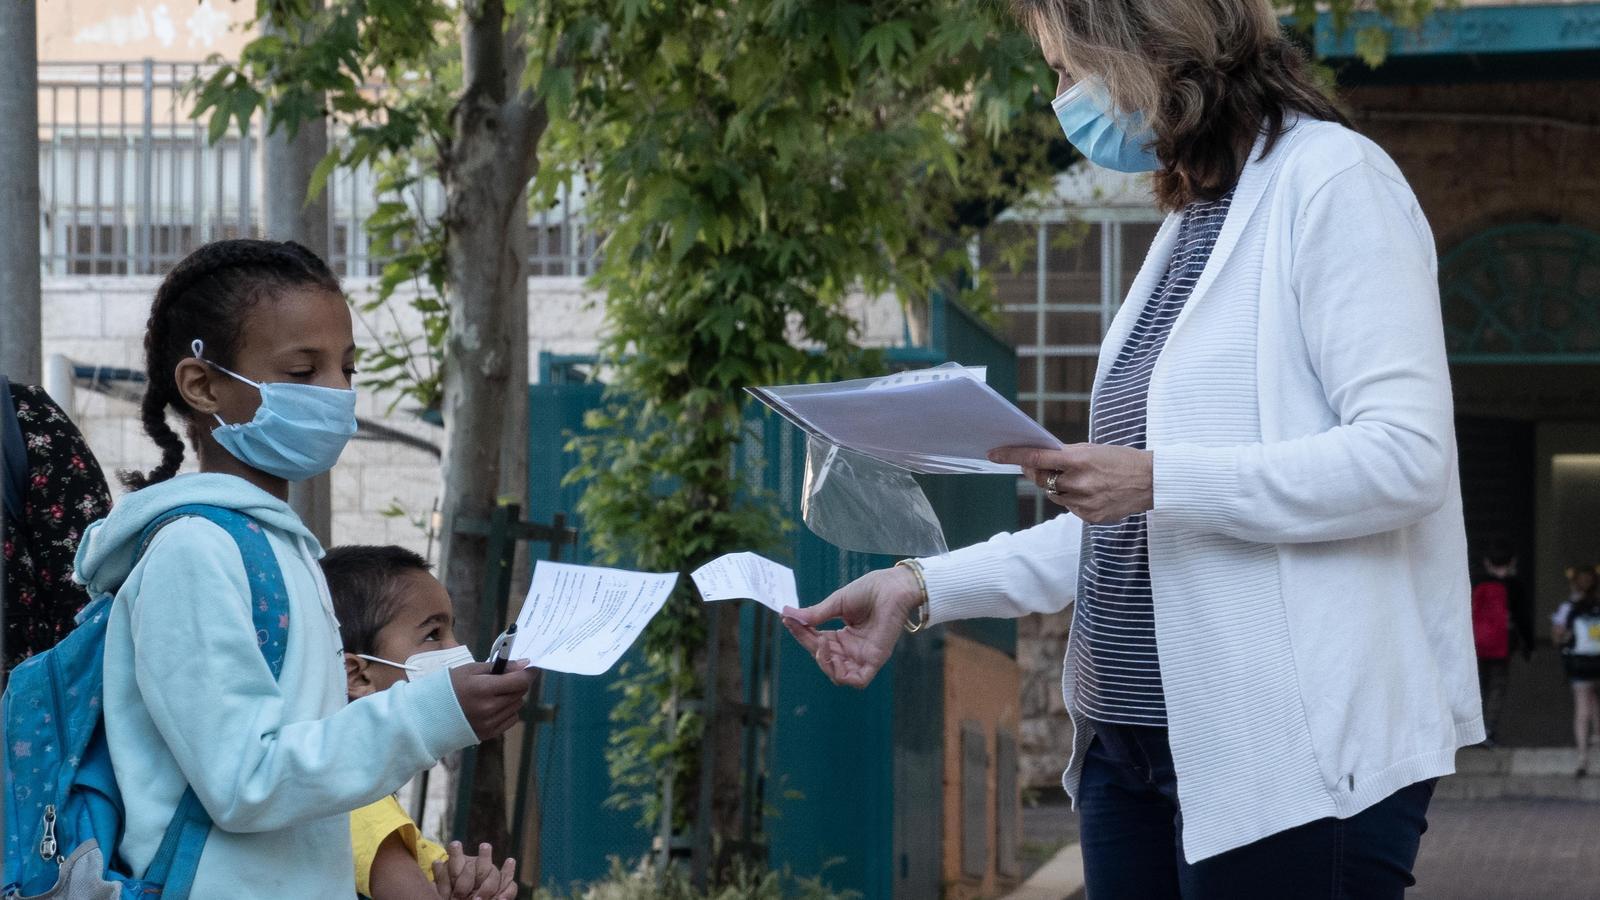 L'exemple fallit de la reobertura de les escoles a Israel / NIR ALON / EUROPA PRESS